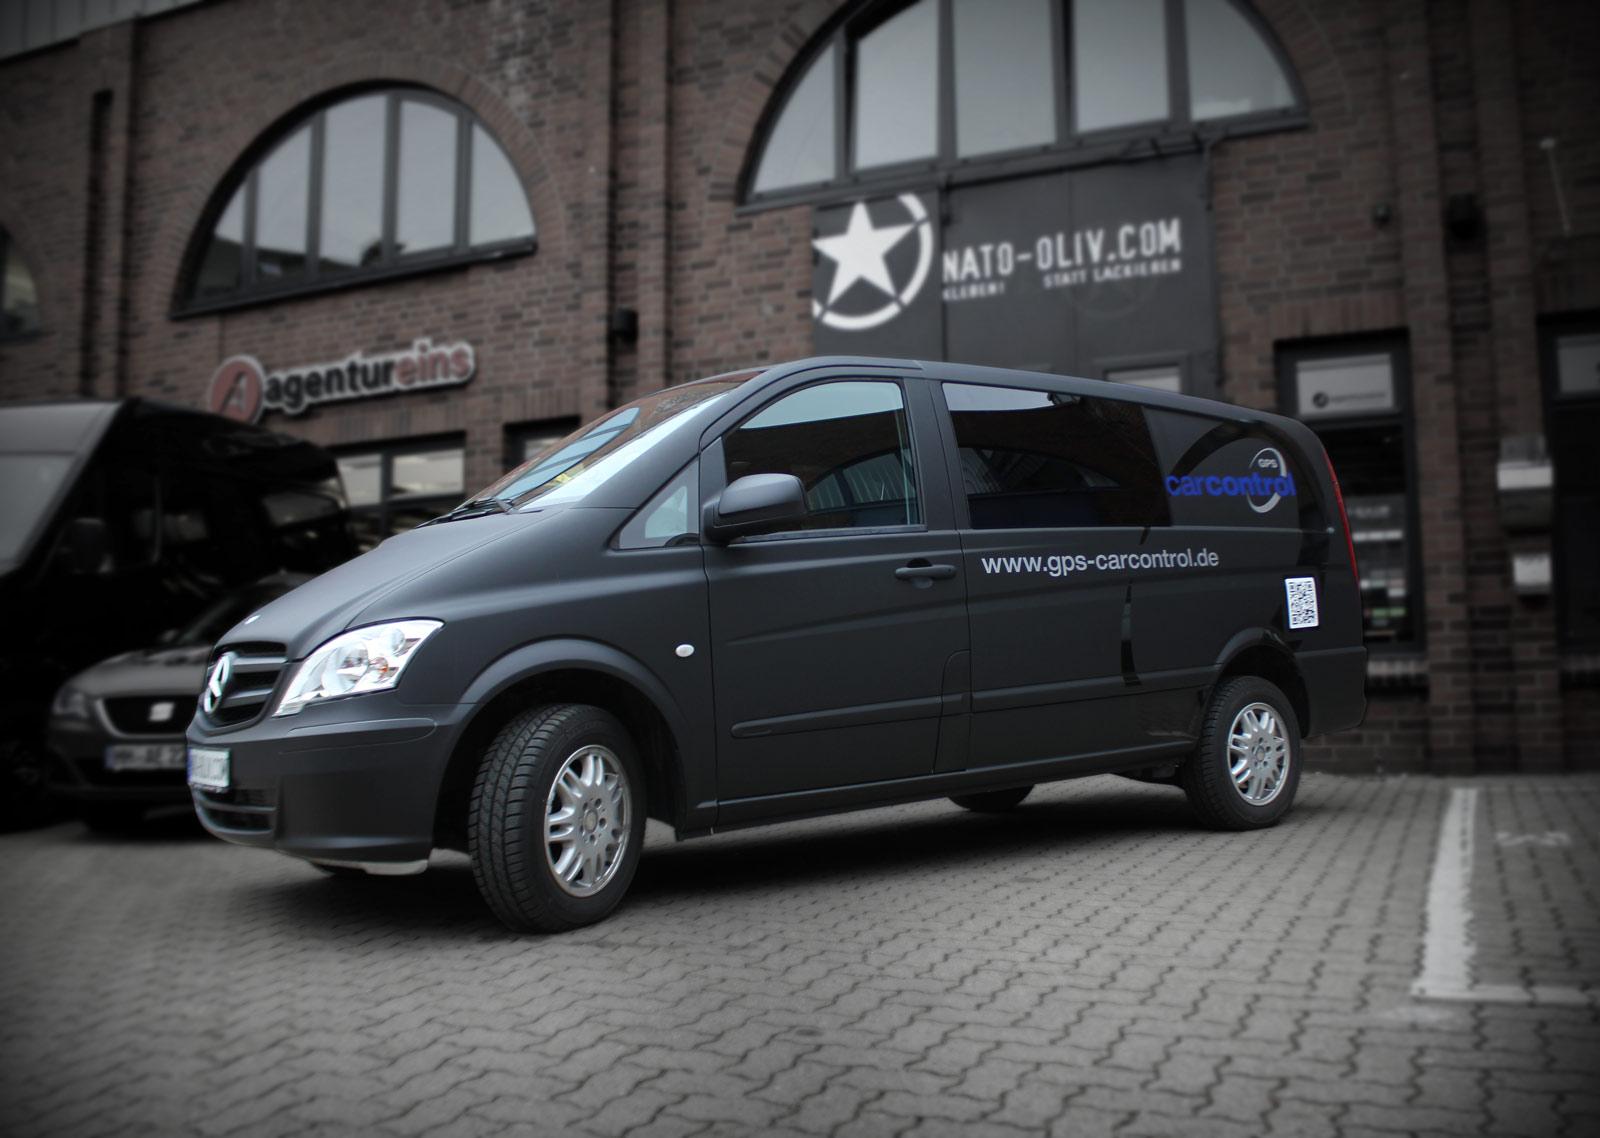 Mercedes Vito in schwarz matt foliert und zusätzlichem Branding.